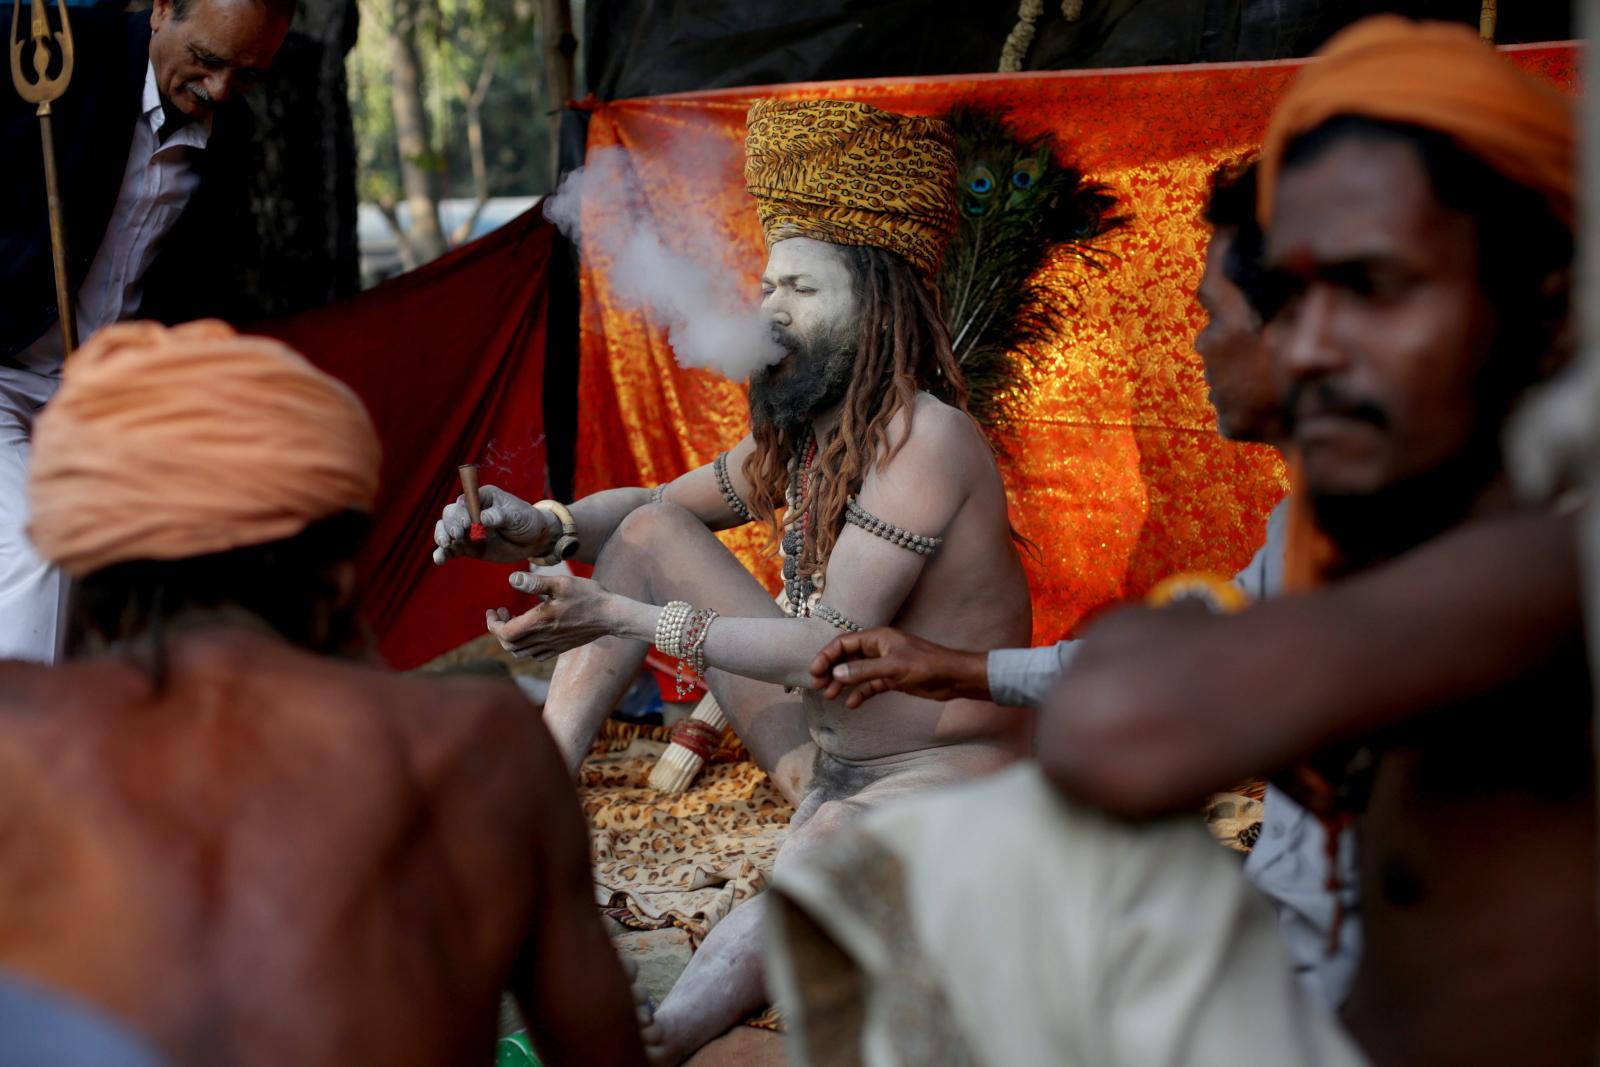 Coroczne spotkanie hinduskich pielgrzymów 130km od Kalkuty. Celem pielgrzymki jest wykąpanie się w świętej rzece Ganga.  Fot. PAP/ EPA/PIYAL ADHIKARY